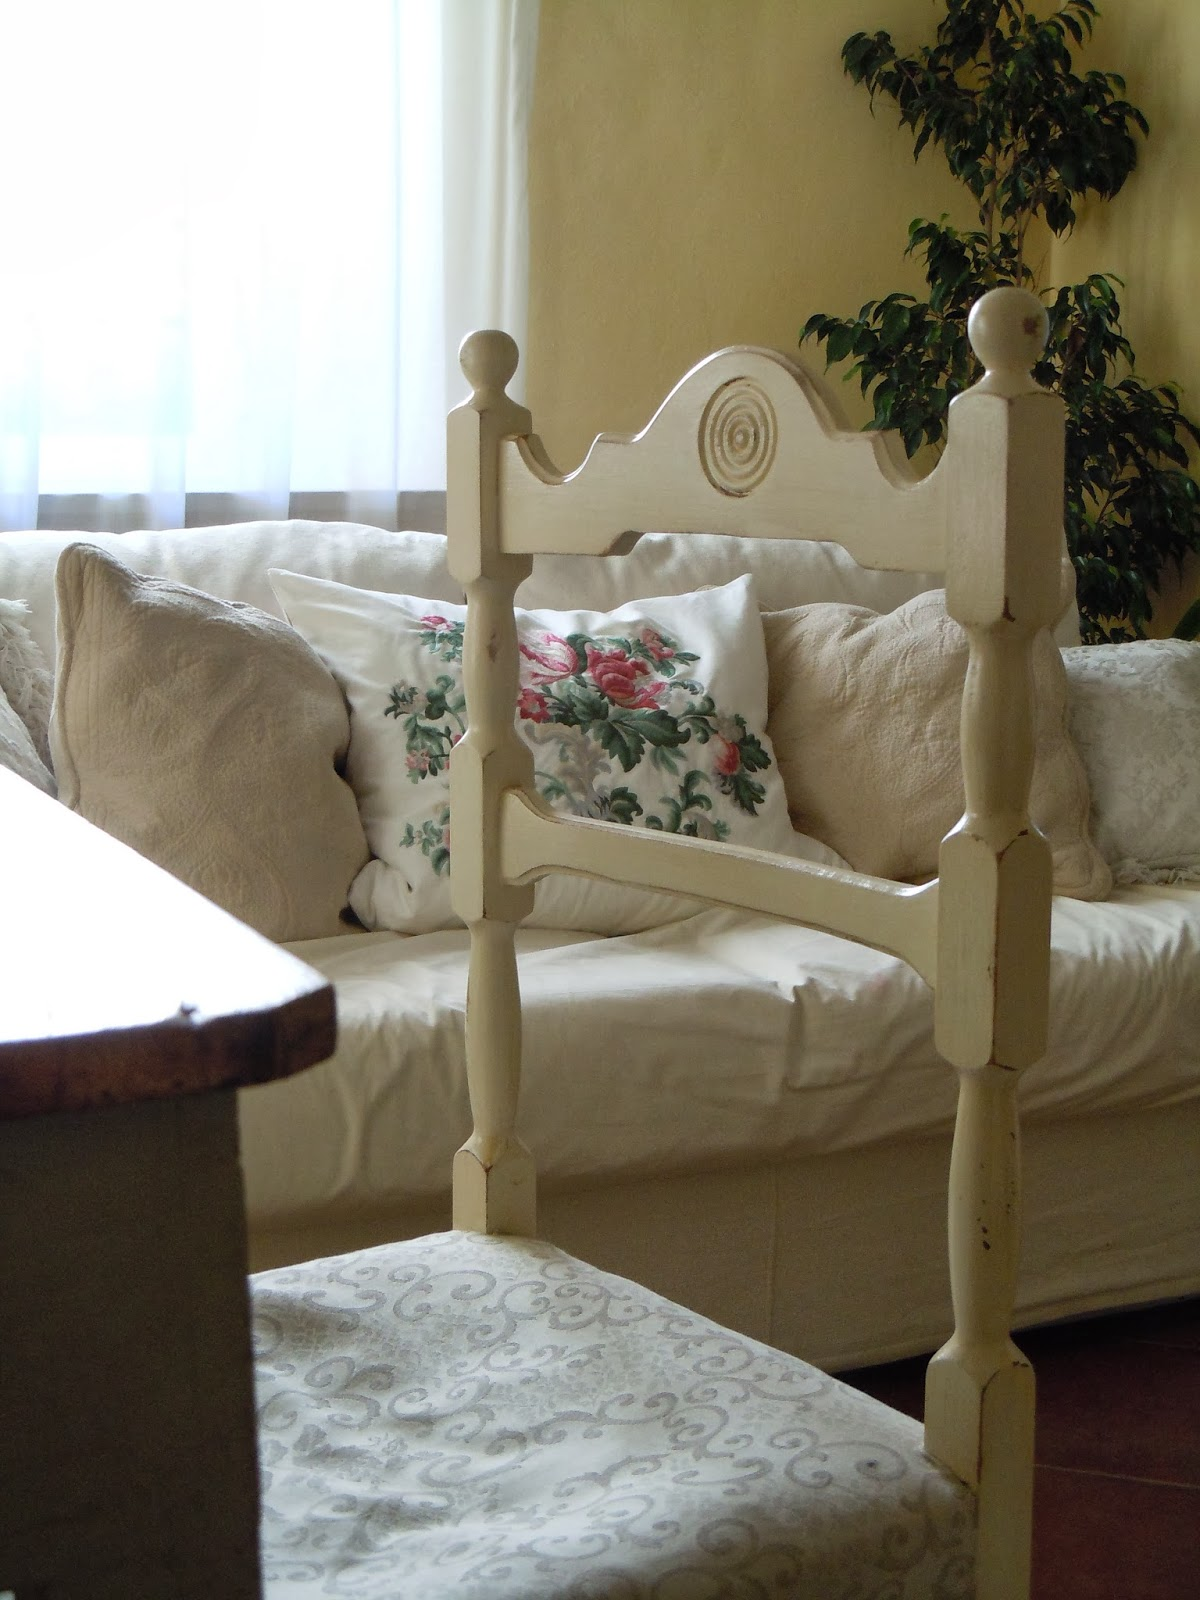 Le idee migliori mi vengono di notte: la sedia della nonna in ...